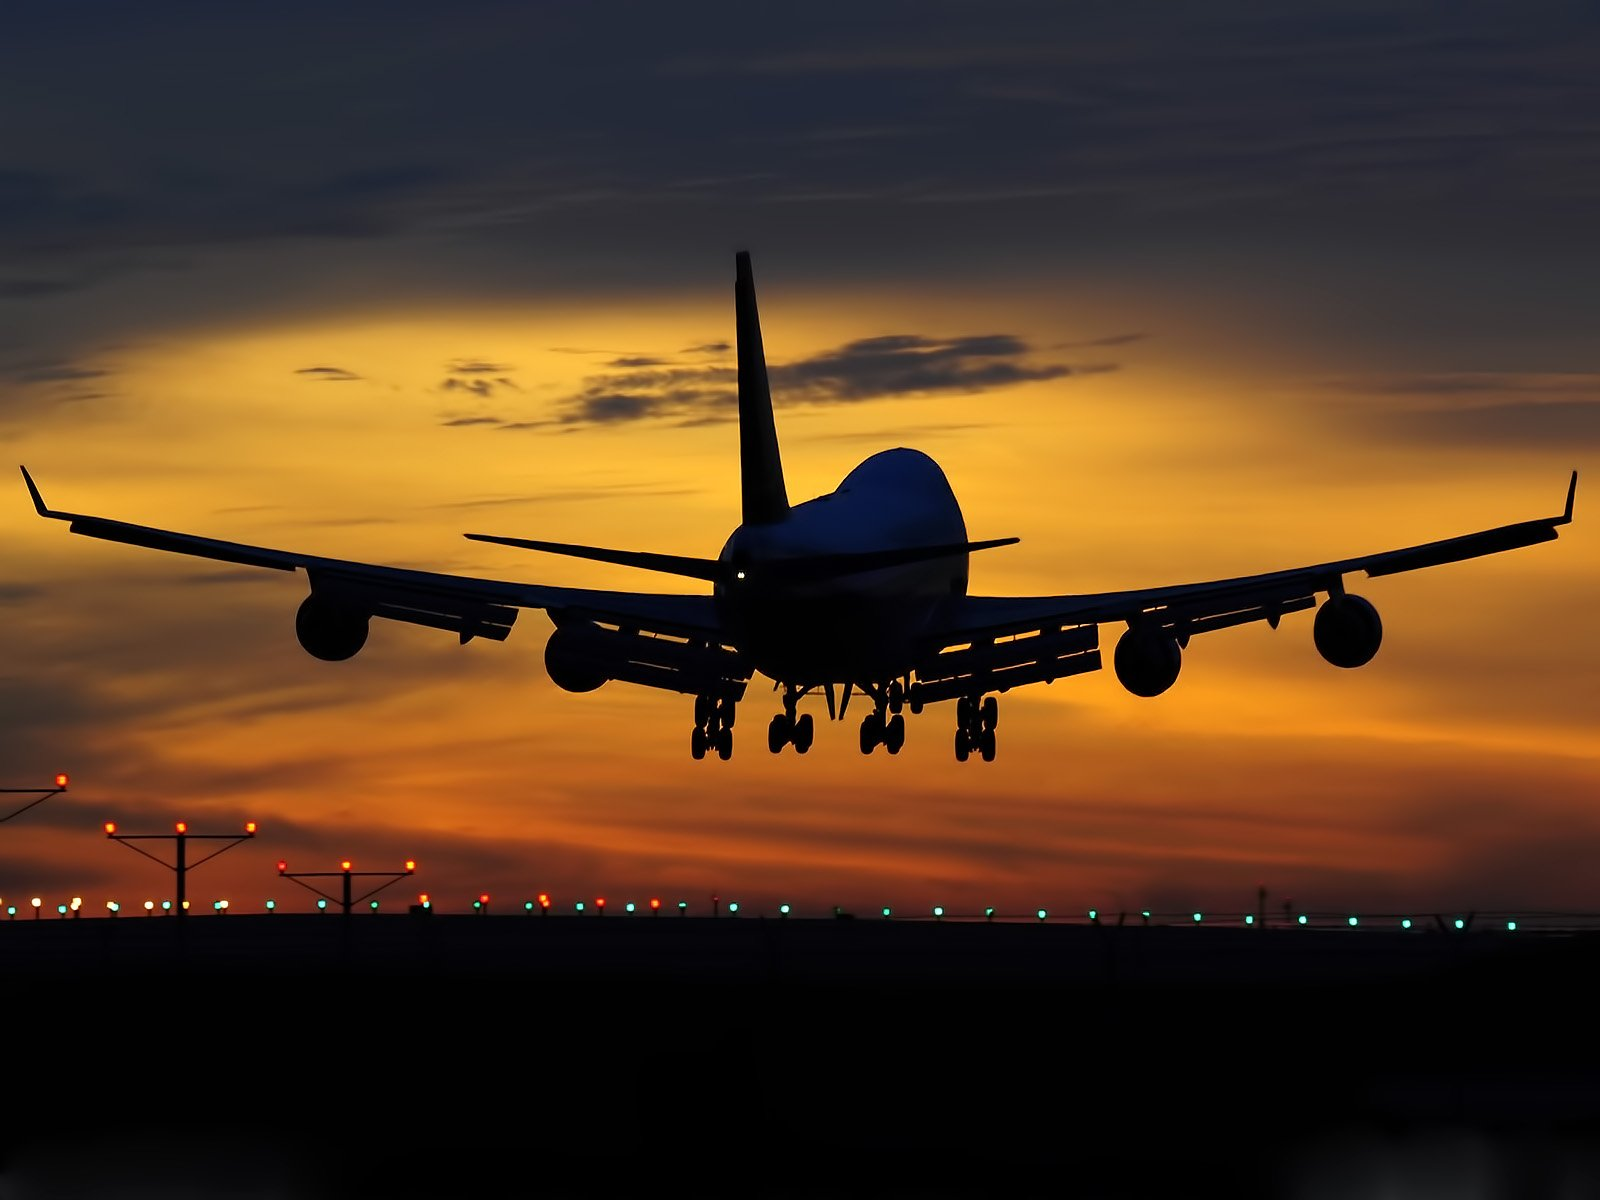 Прикольные, картинки картинки самолета